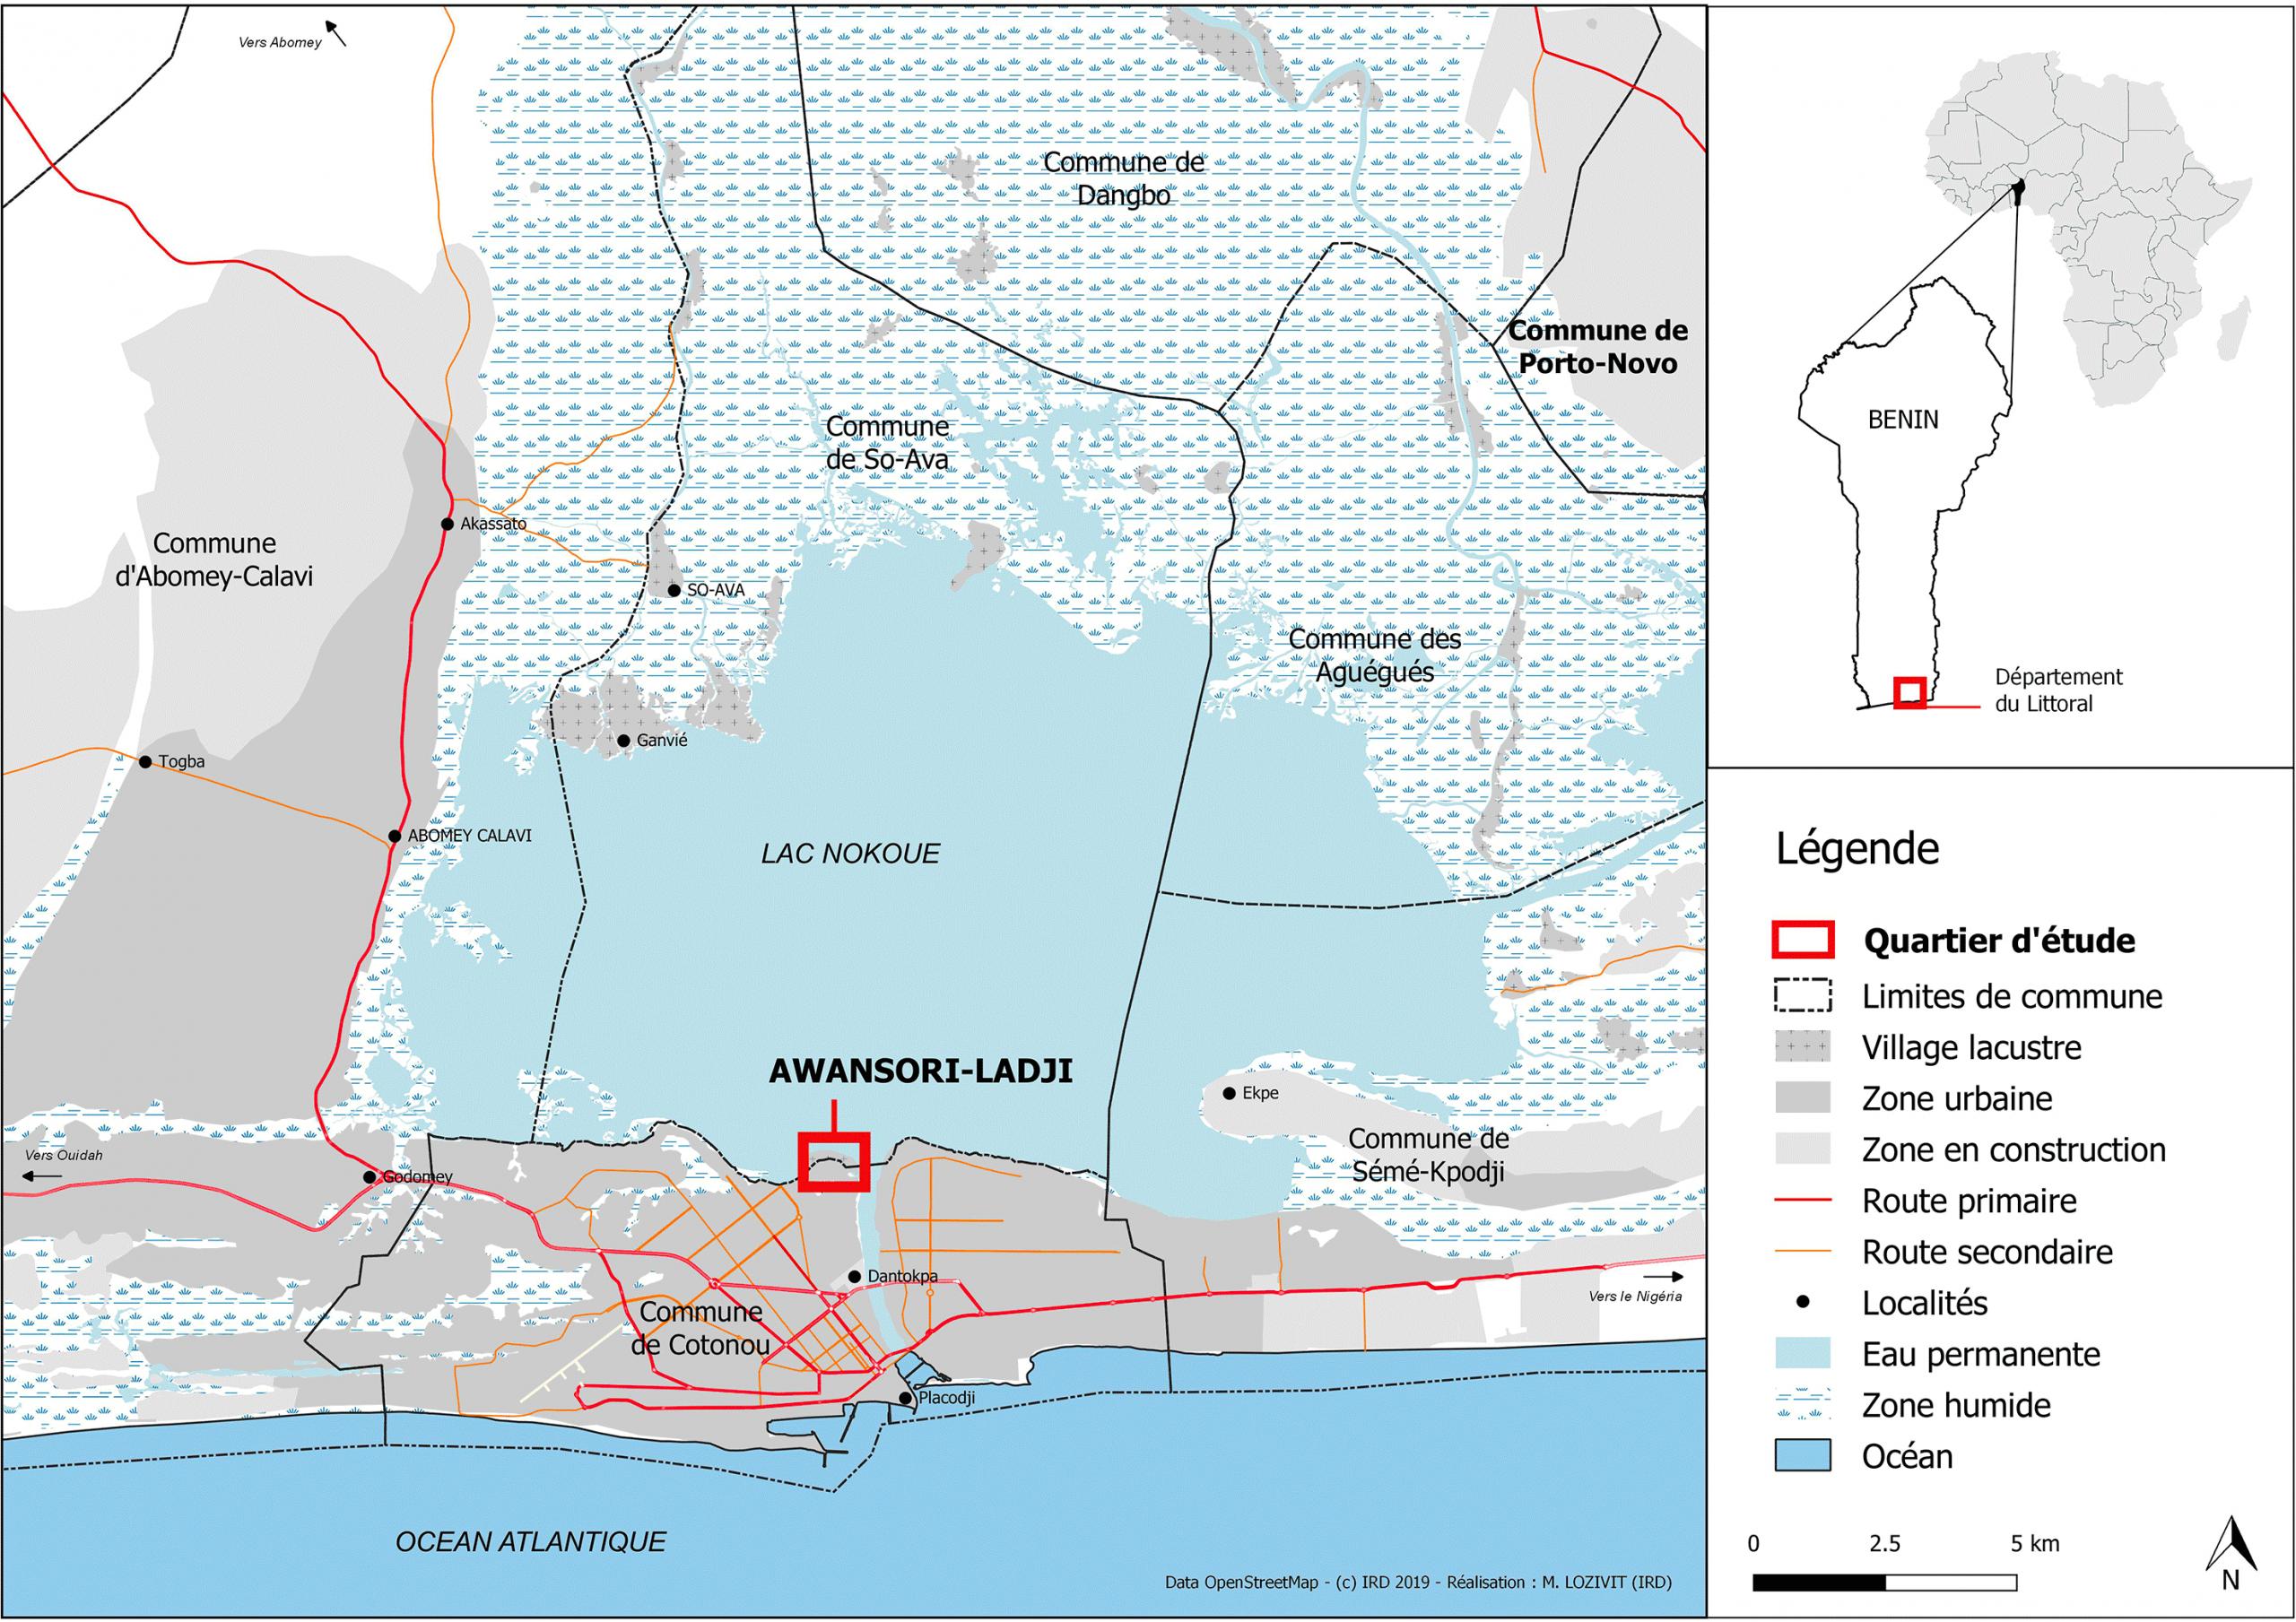 Mettre Un Quartier Sur La Carte : Cartographie Participative à Placer Des Villes Sur Une Carte